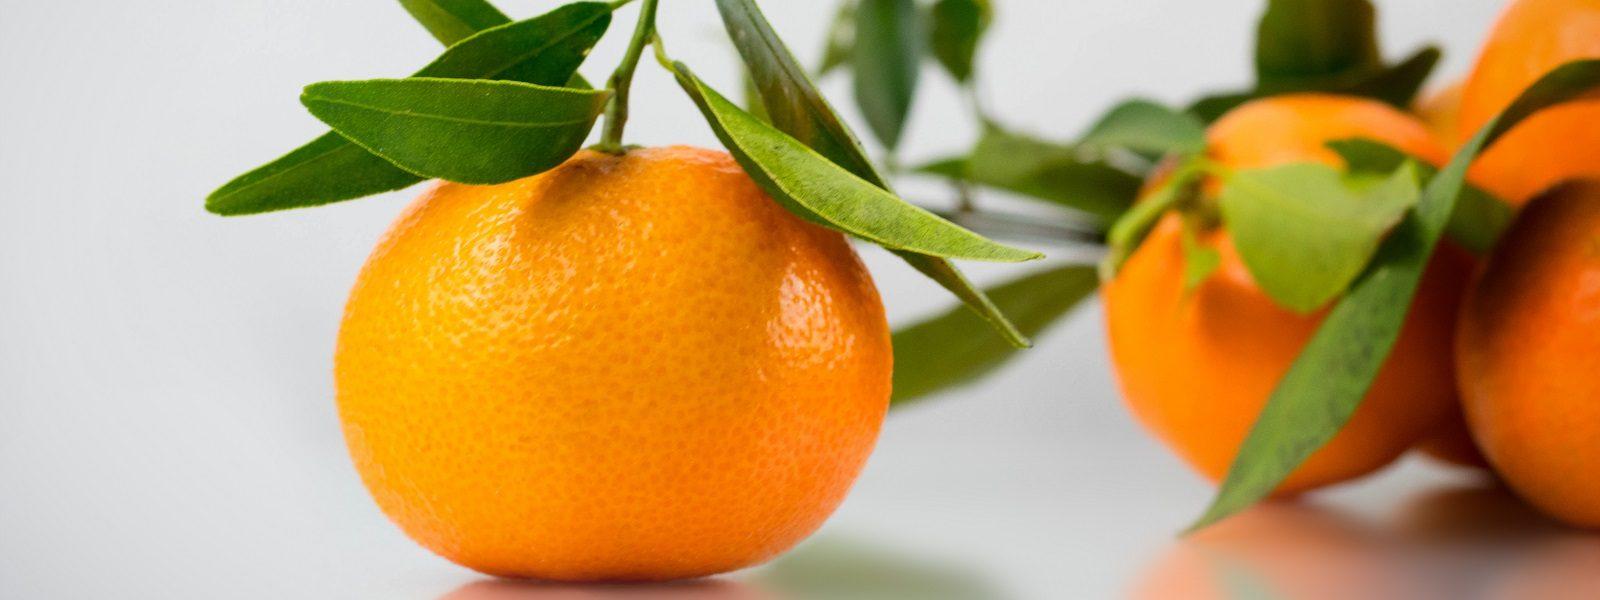 Sección Hortofrutícola